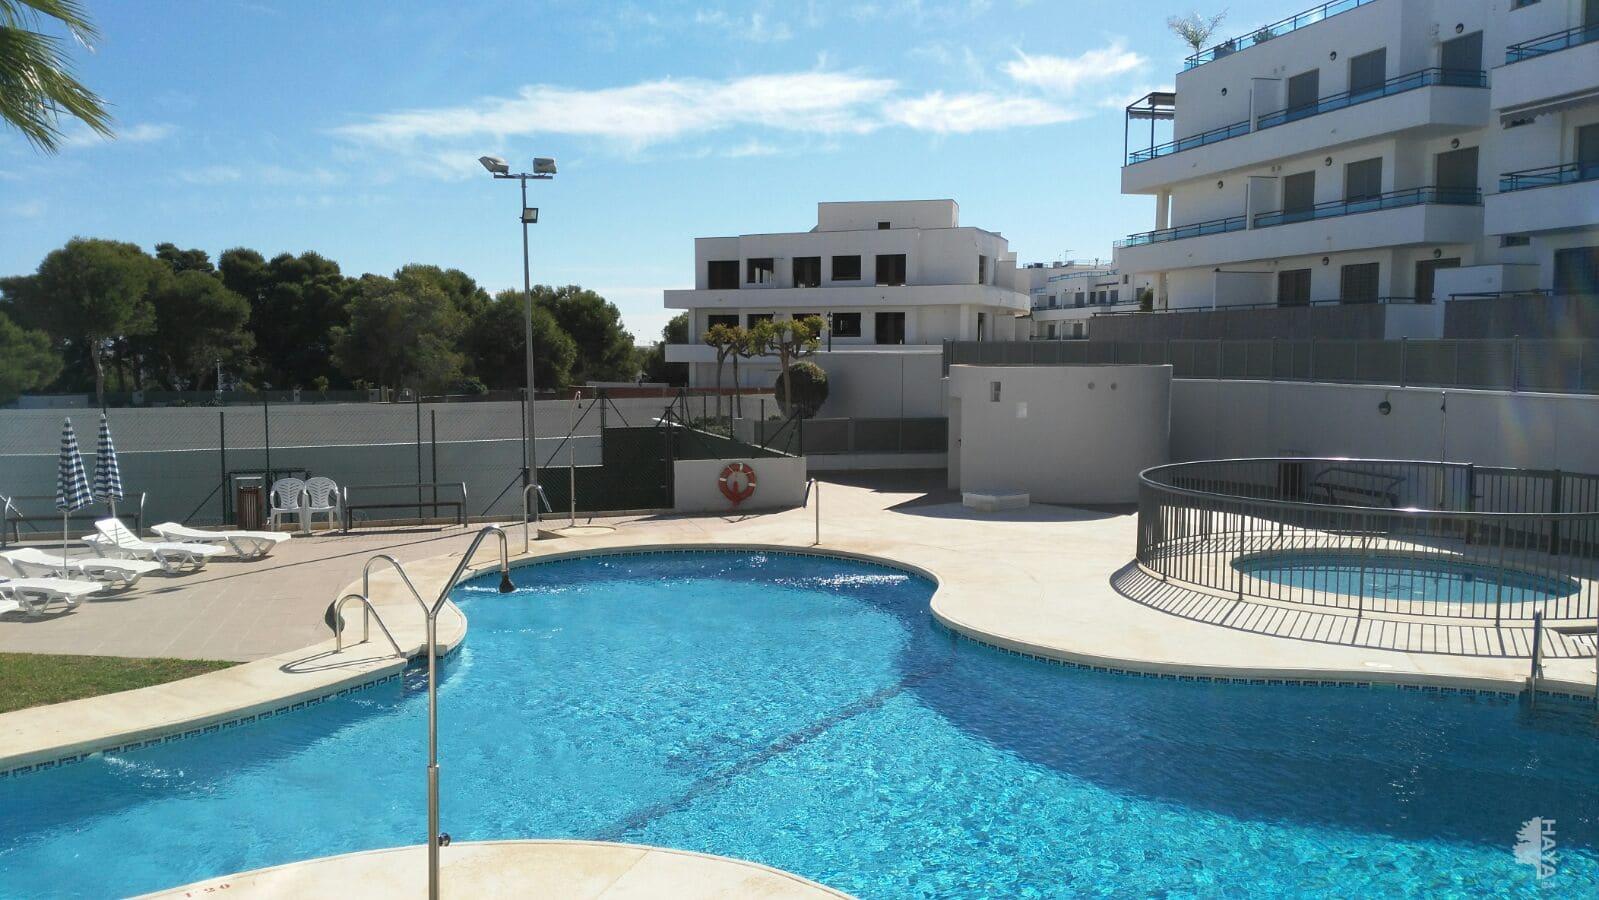 Piso en venta en Garrucha, Almería, Calle Murillo (pinar de Garrucha), B, 93.200 €, 2 habitaciones, 2 baños, 75 m2